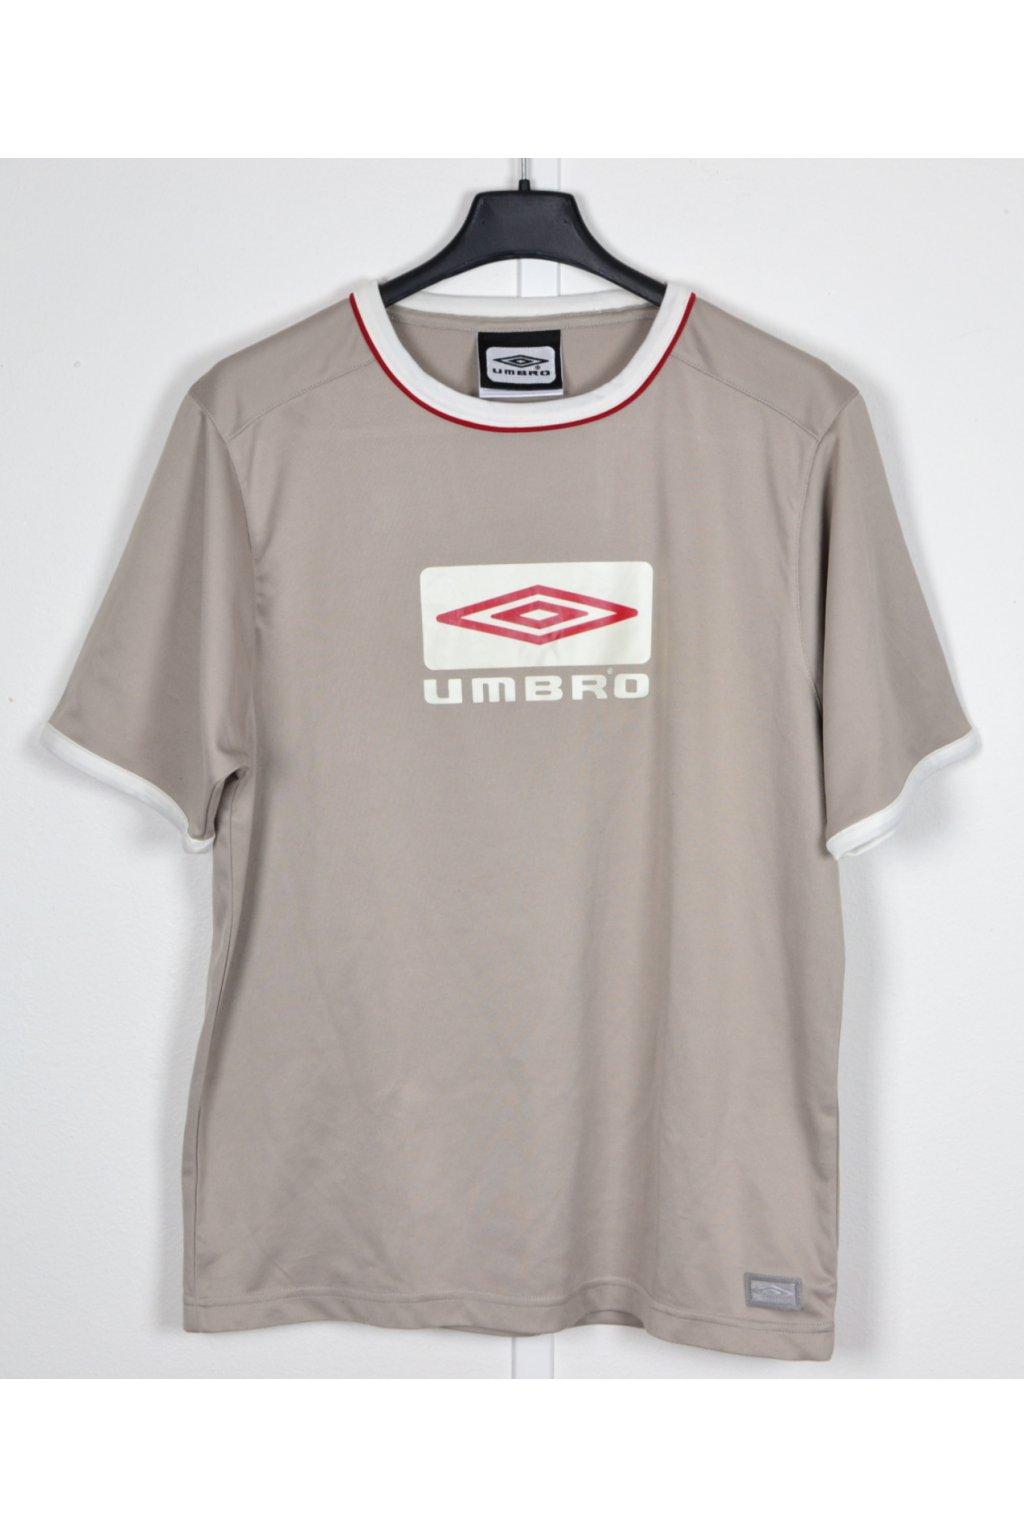 Tričko sportovní Umbro vel 170-176 béžová